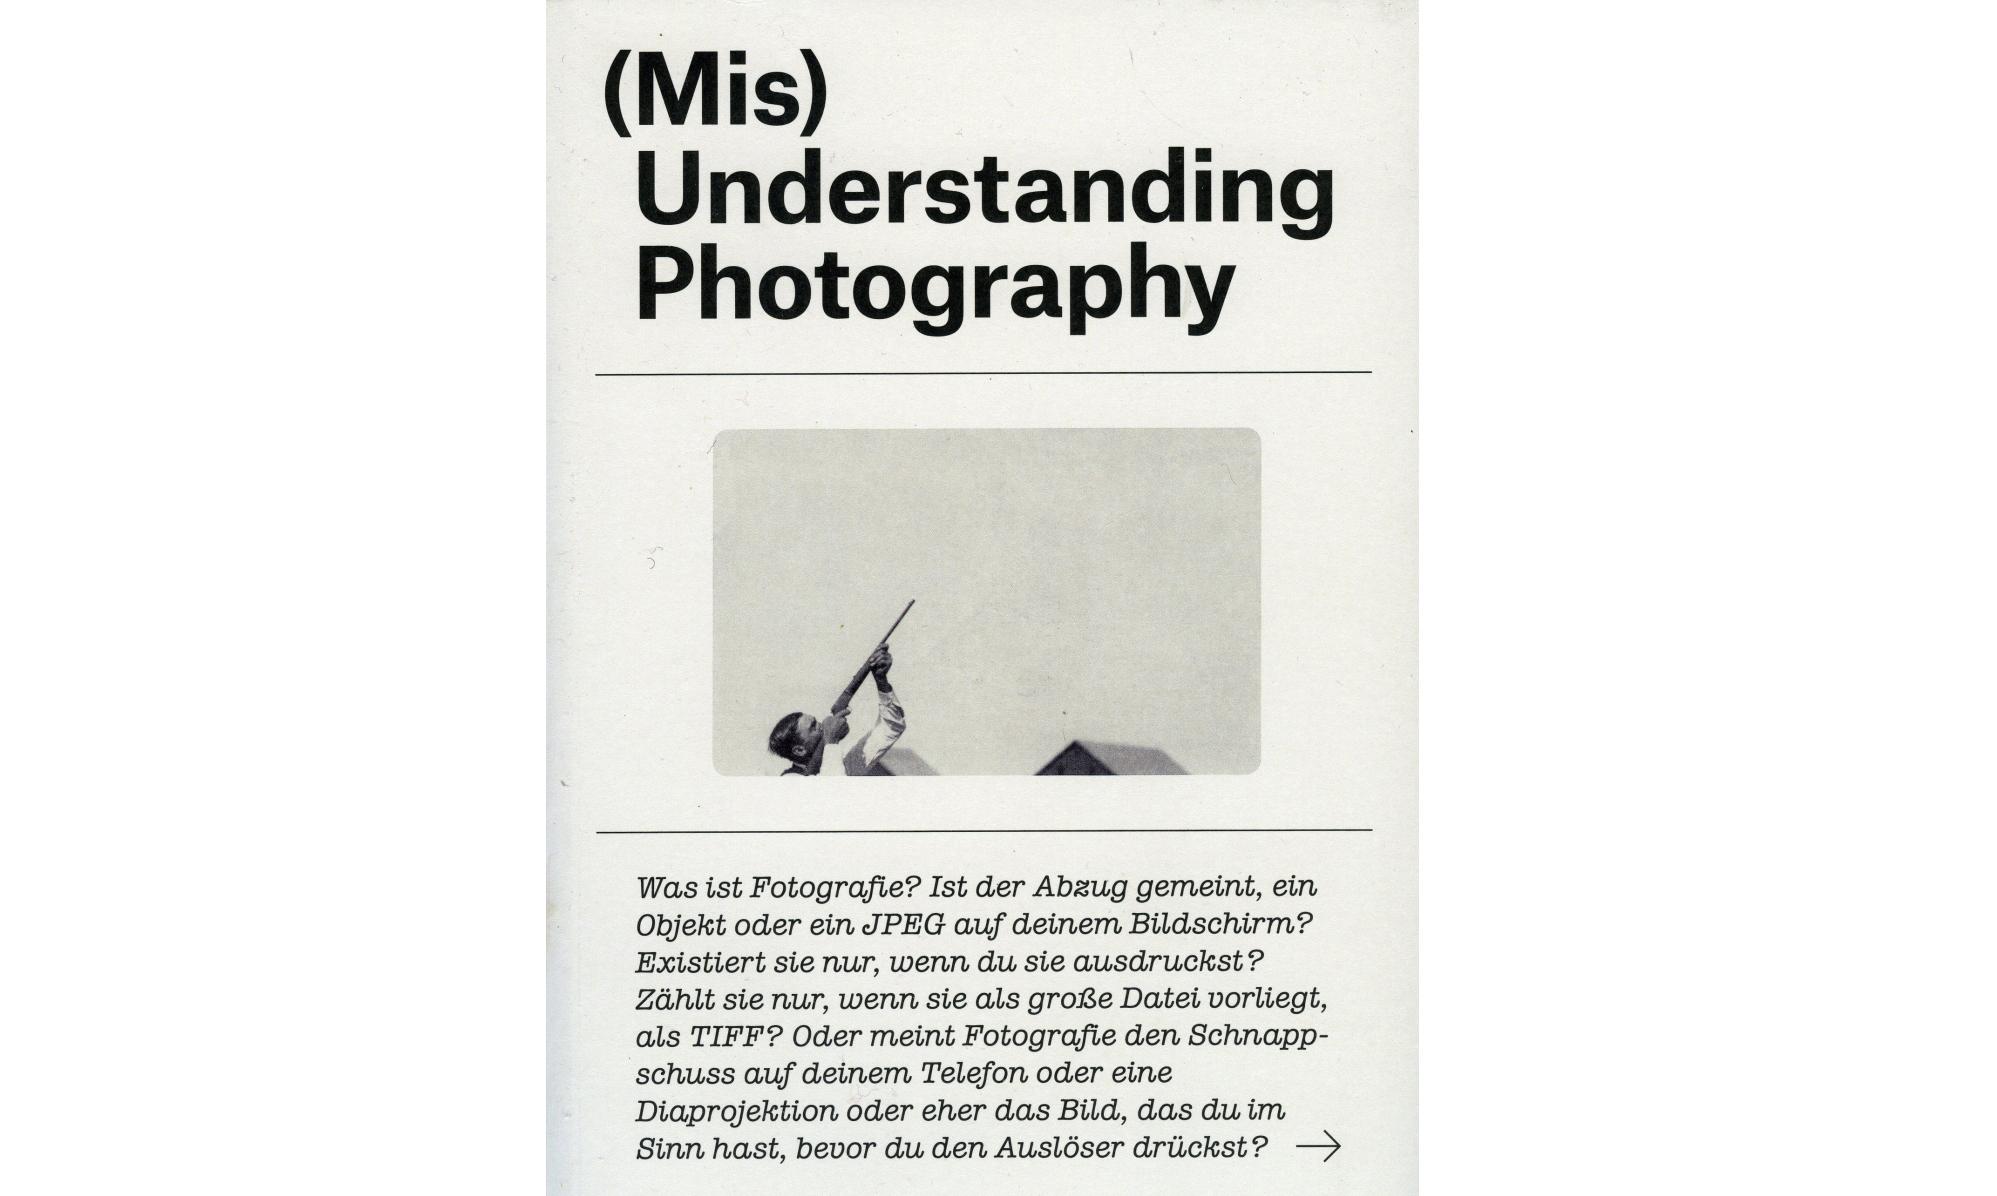 (Mis)Understanding Photography. Works and Manifestos,  Musée Folkwang, Essen, Allemagne, du 14 juin au 17 août 2014 [En collaboration avec le Fotomuseum Winterthur, Suisse] Commissaire : Florian Ebner, Conservateur de la photographie, Musée Folkwang